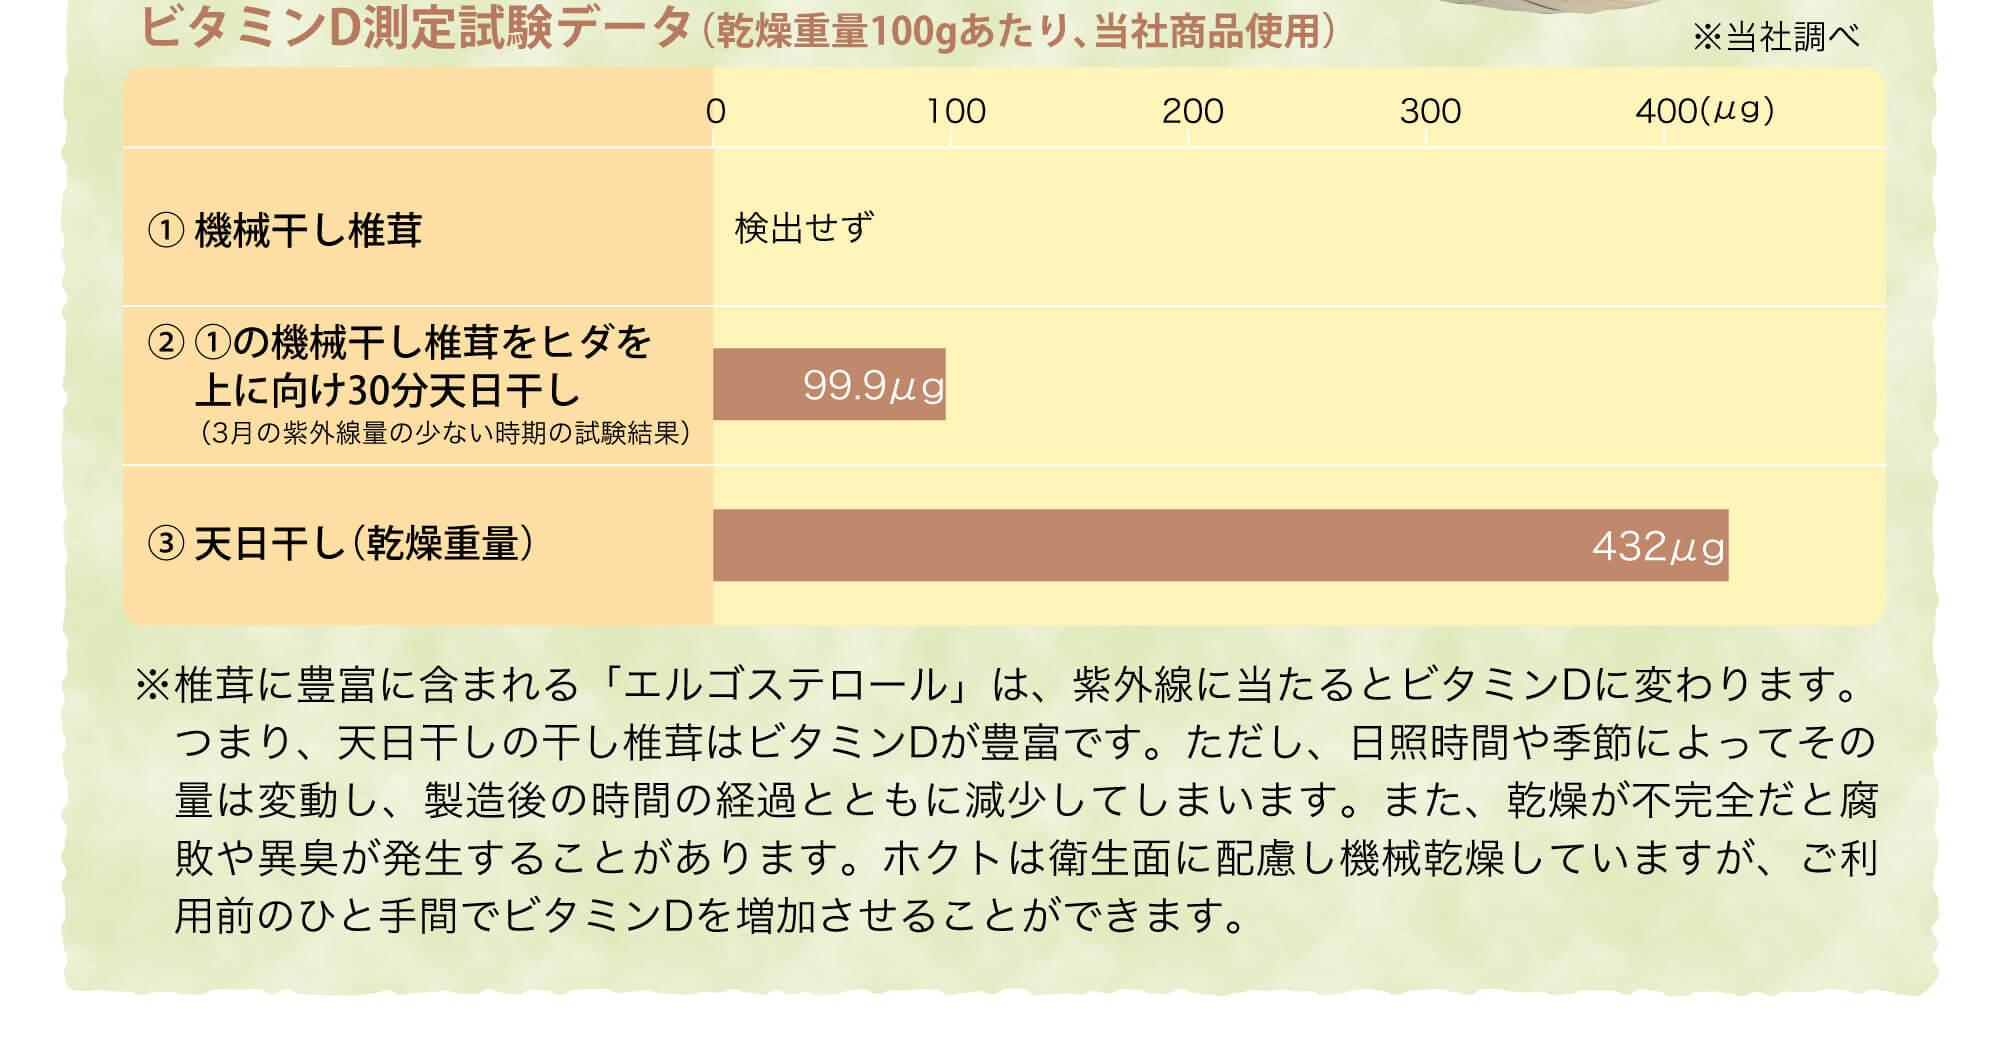 ビタミンD測定試験データ(乾燥重量100gあたり、当社商品使用)